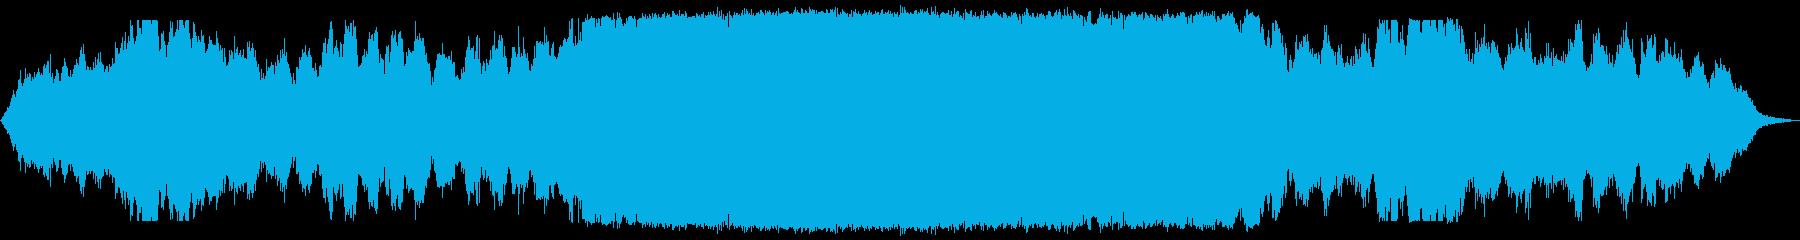 轟音のあるダークアンビエントの再生済みの波形